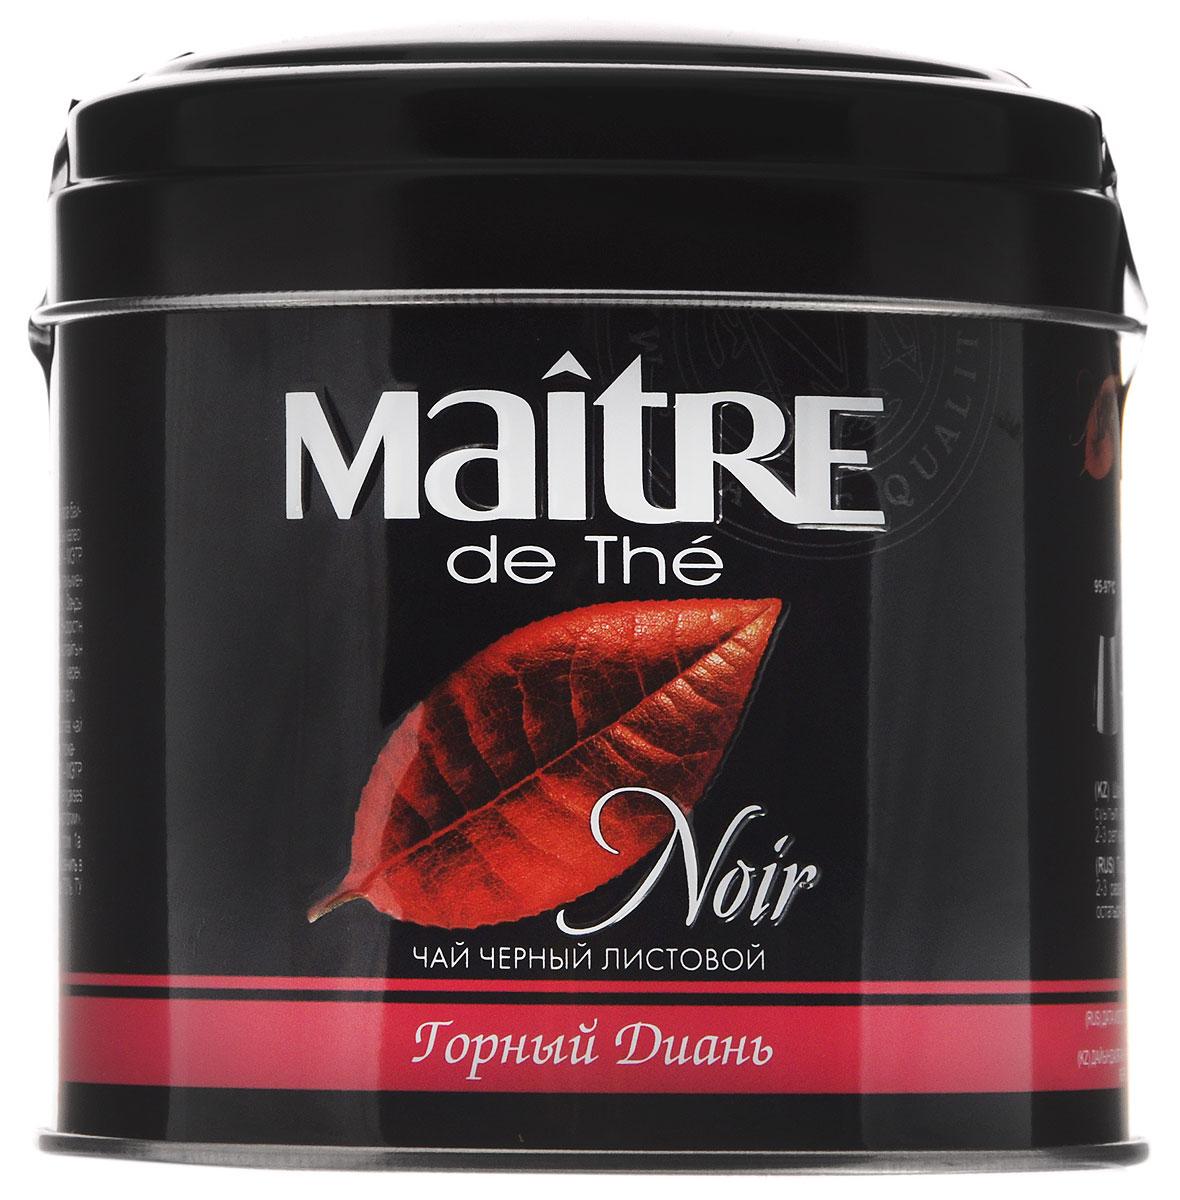 Maitre de The Горный диань черный листовой чай, 100 г (жестяная банка)бар110рЧерный листовой чай из китайской провинции Юннань. Обладает насыщенным медовым вкусом и цветочным ароматом.